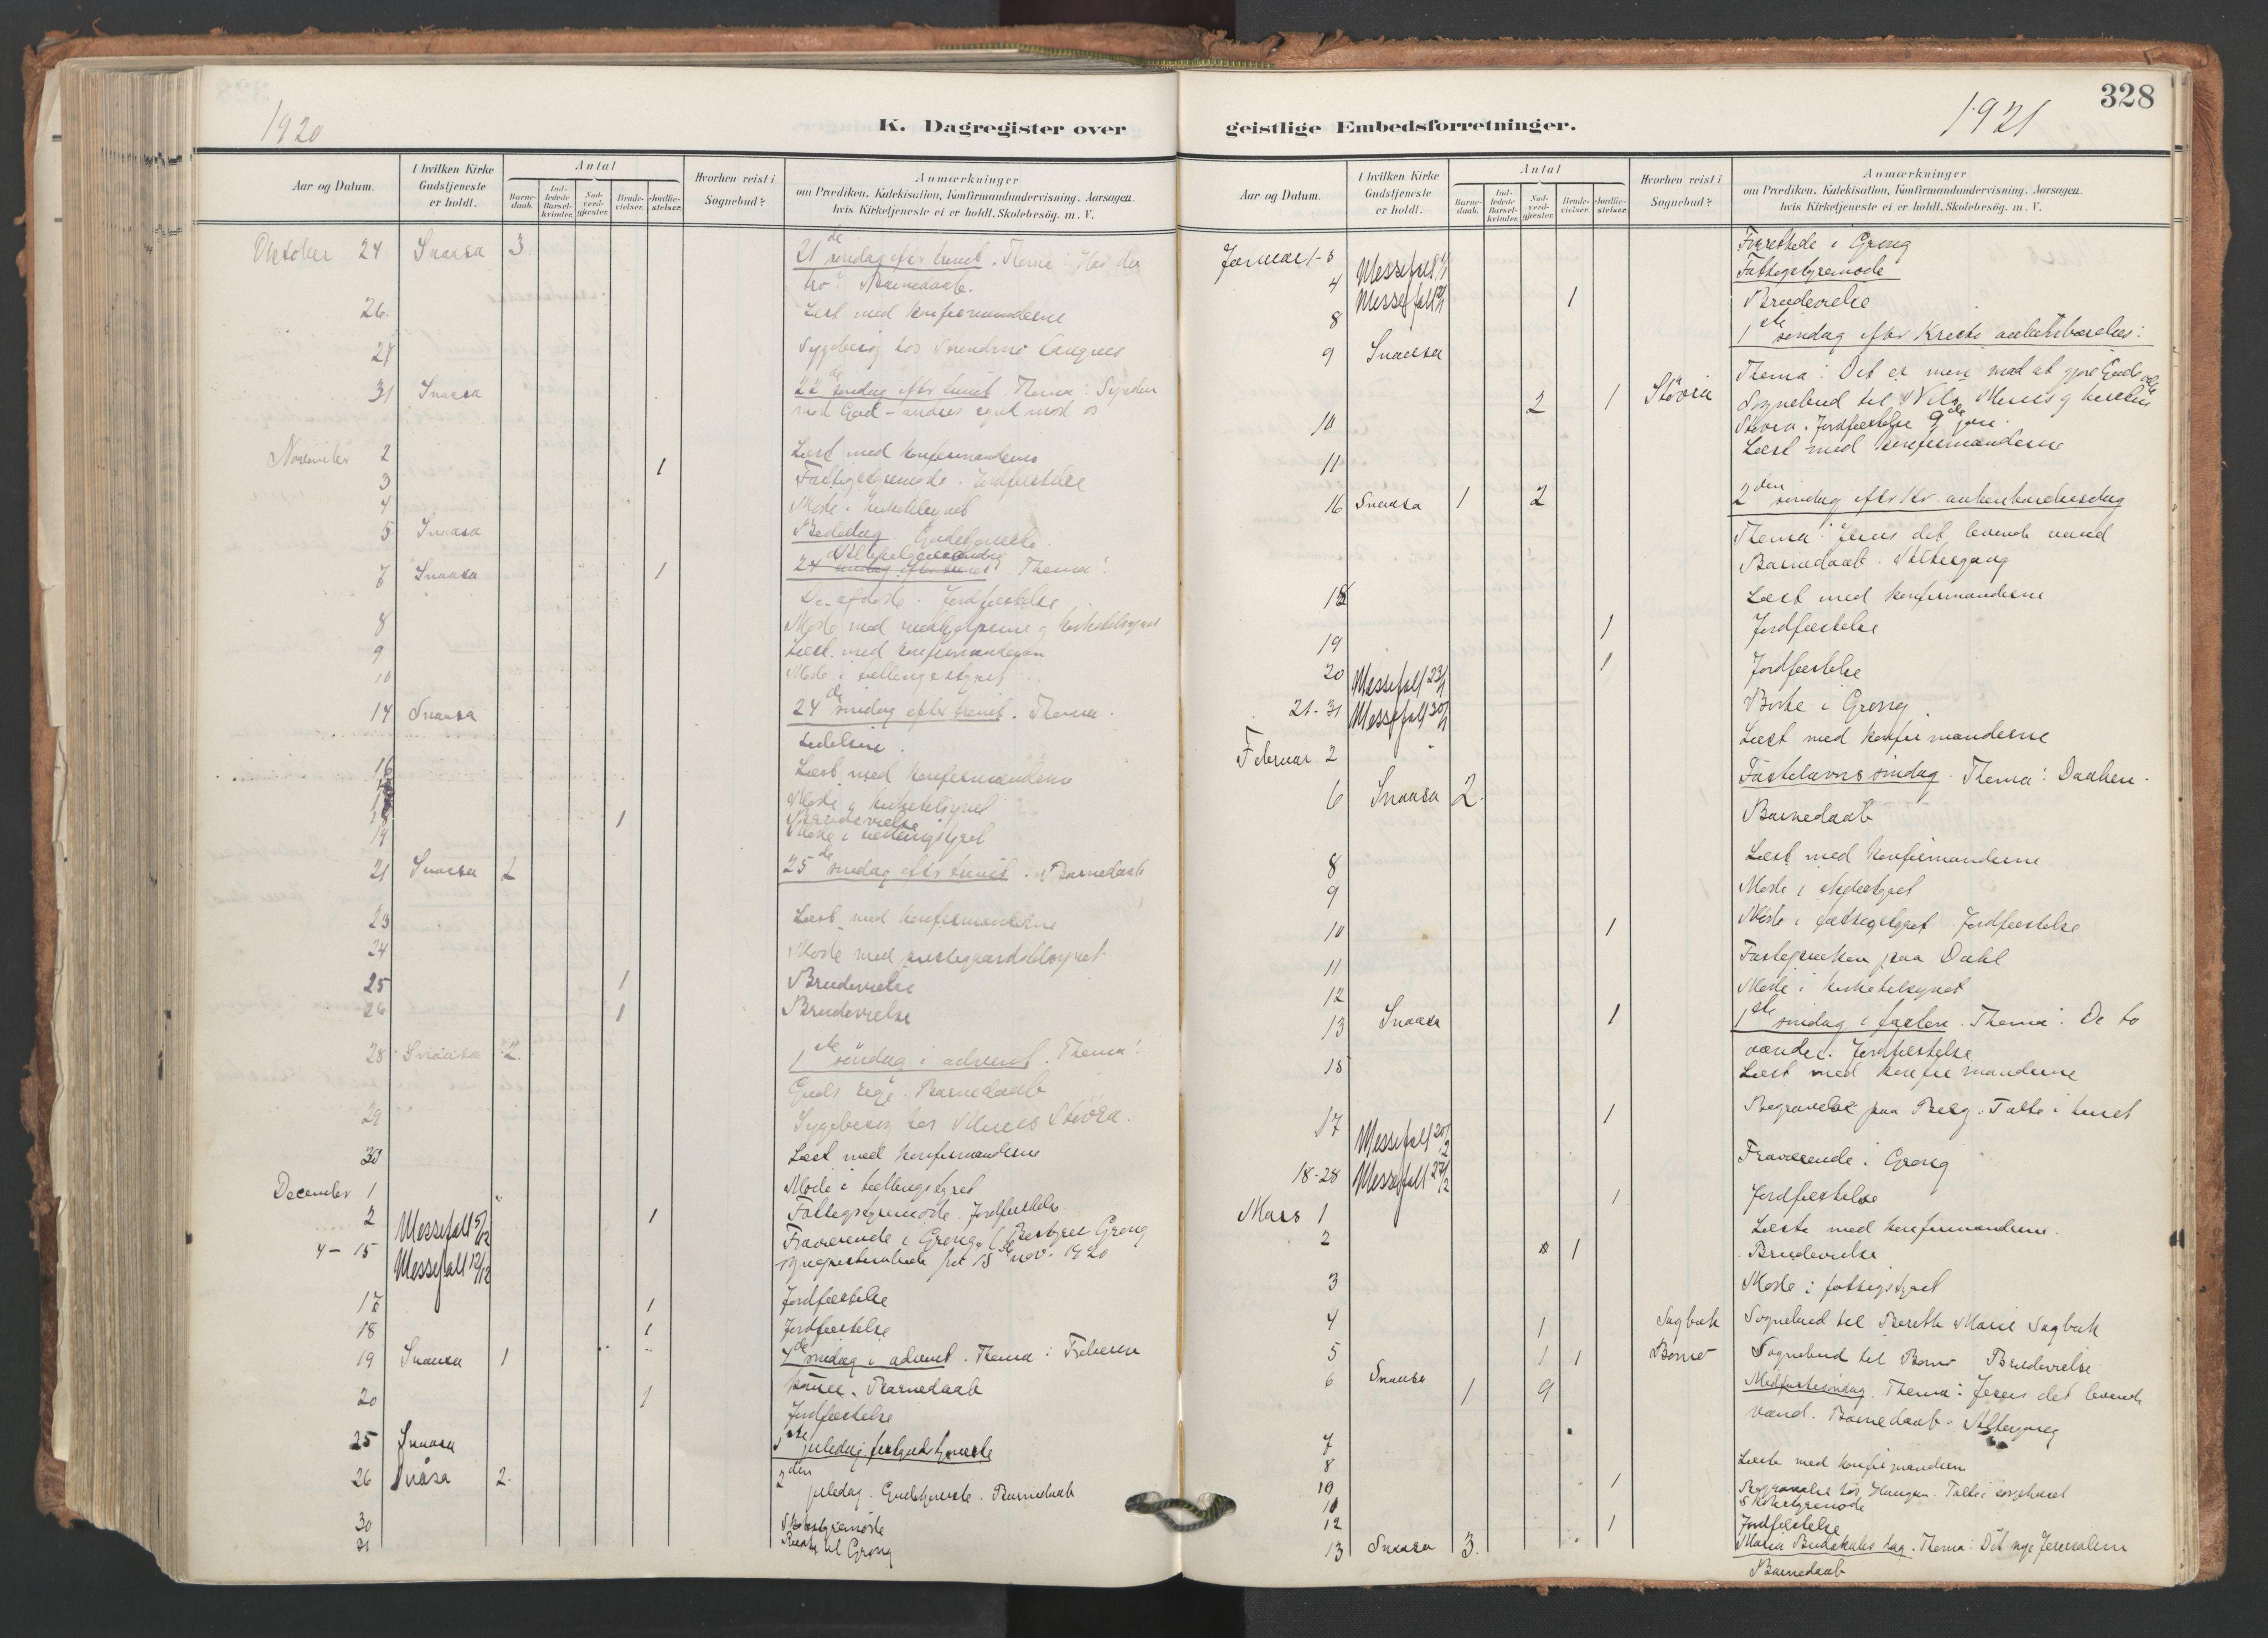 SAT, Ministerialprotokoller, klokkerbøker og fødselsregistre - Nord-Trøndelag, 749/L0477: Ministerialbok nr. 749A11, 1902-1927, s. 328